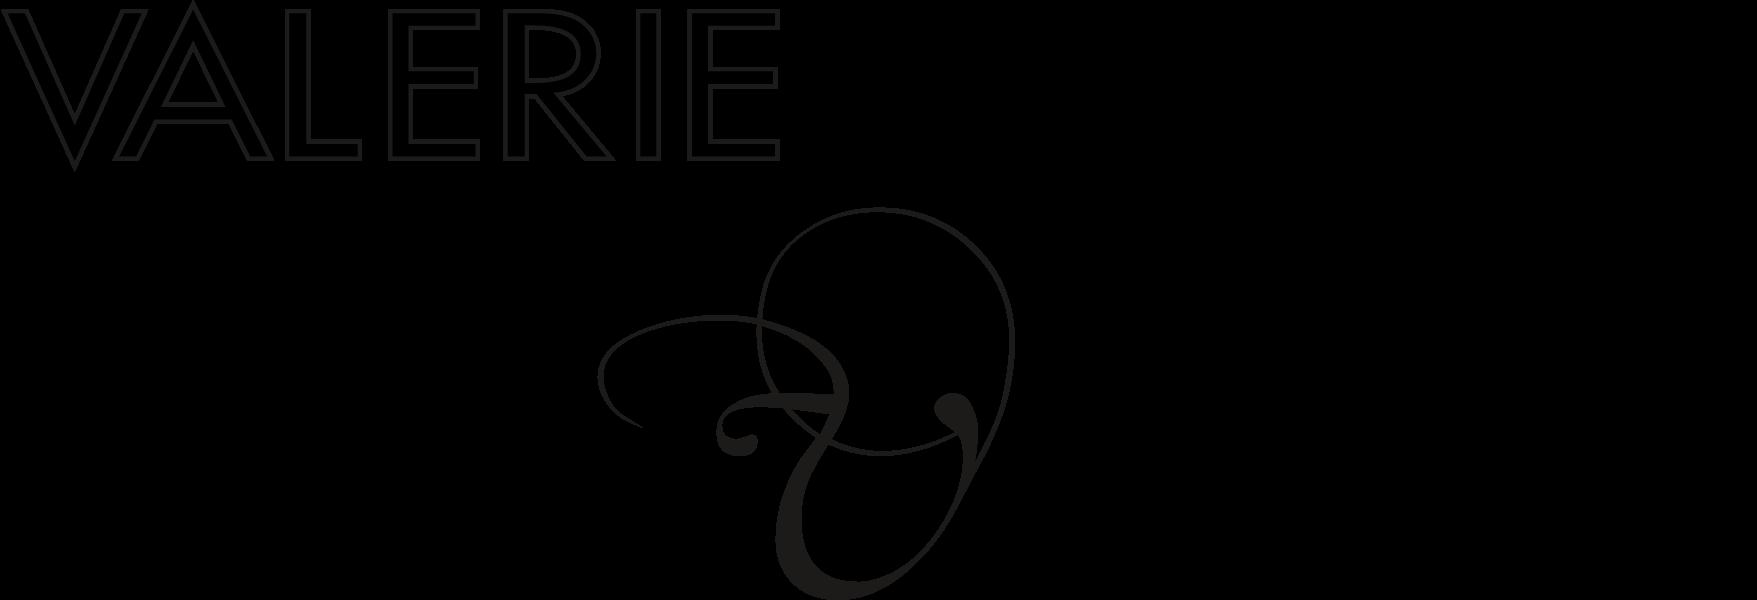 Valerie Ostenak logo